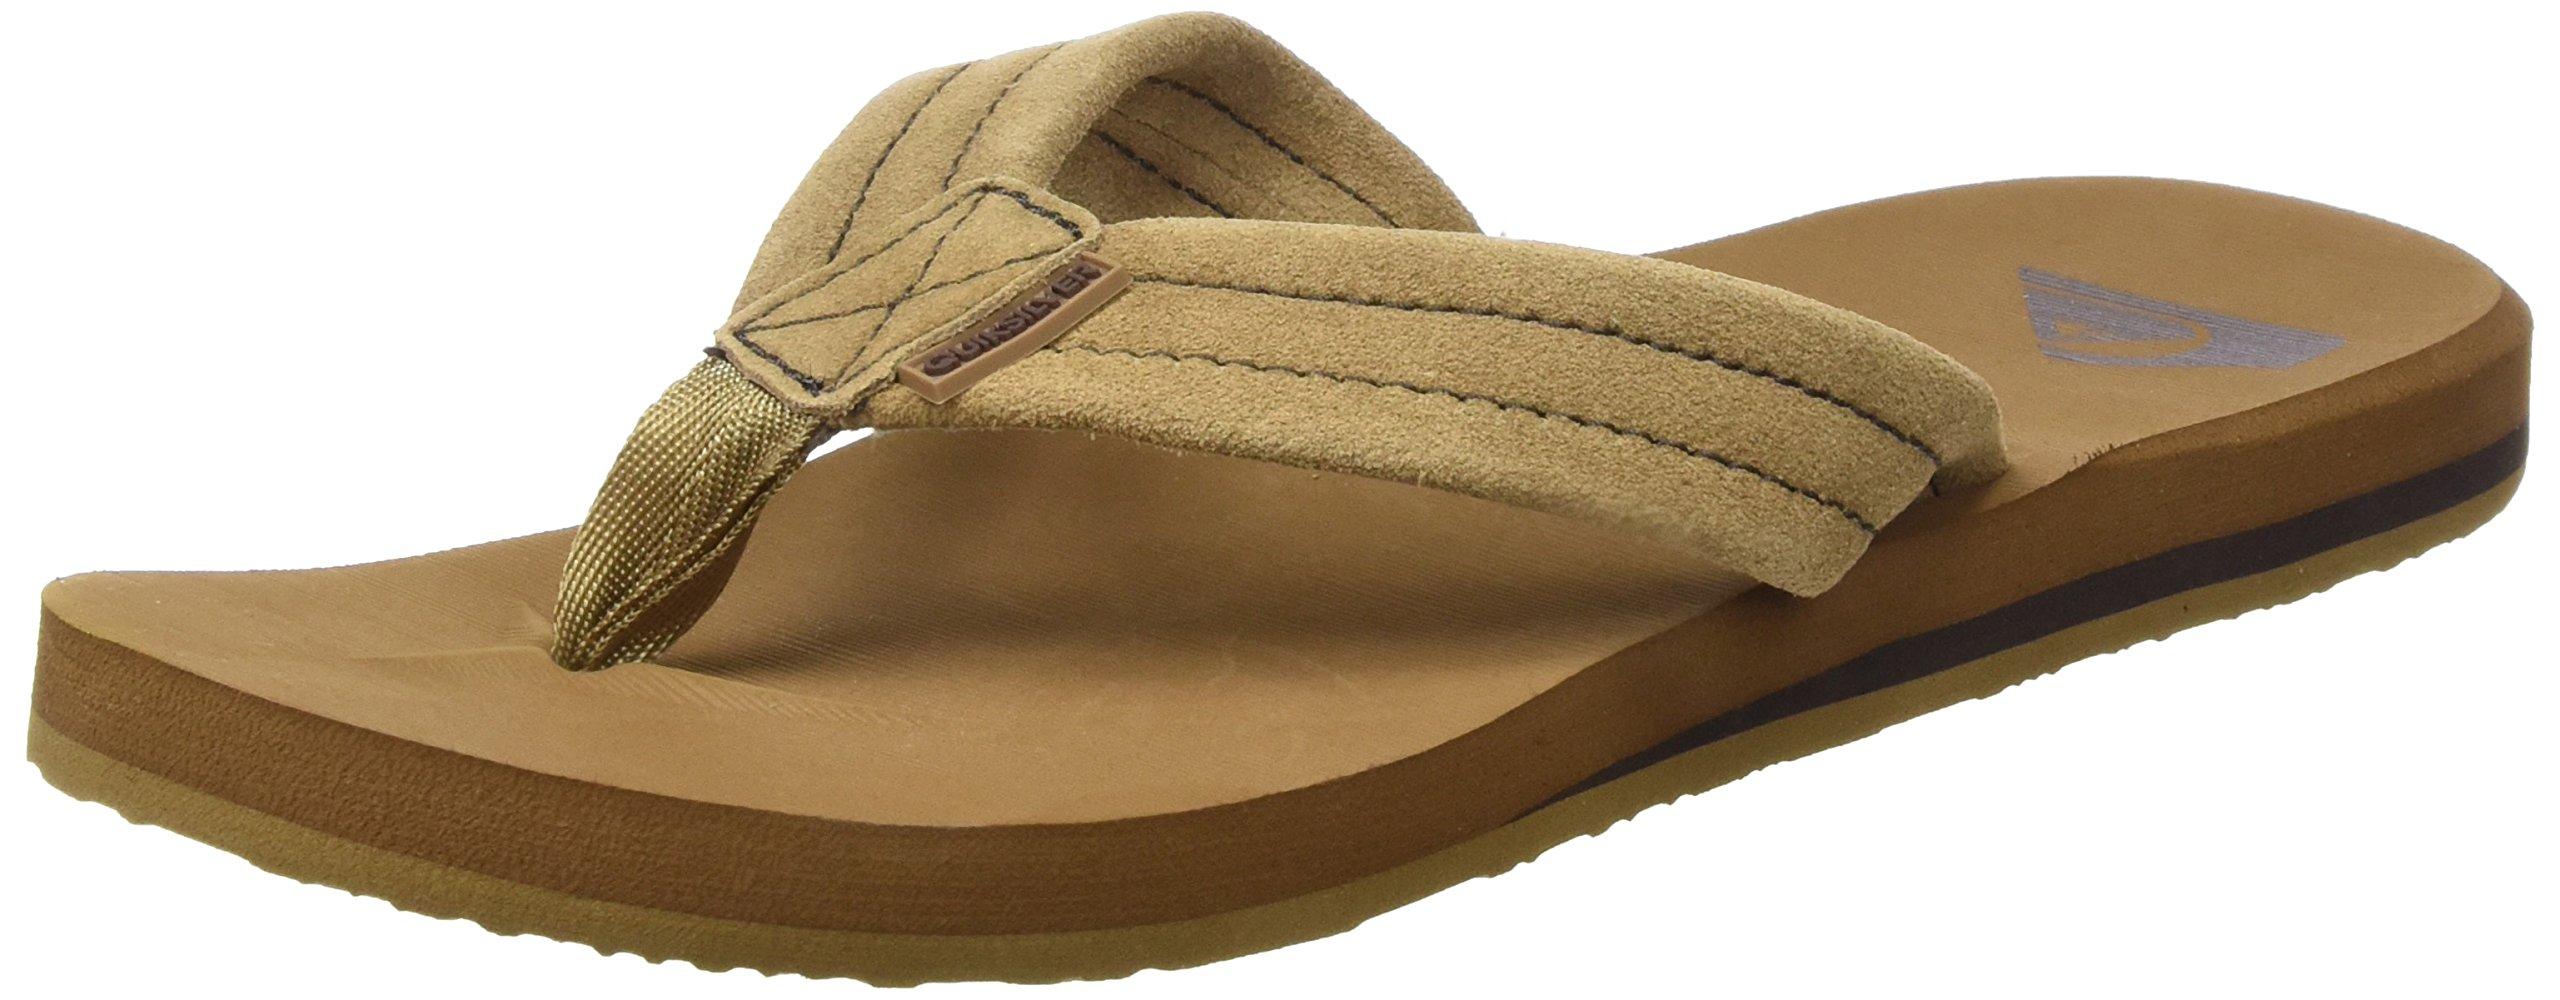 Quiksilver Men's Carver Suede 3-Point Flip-Flop, Tan/Solid, 10 M US